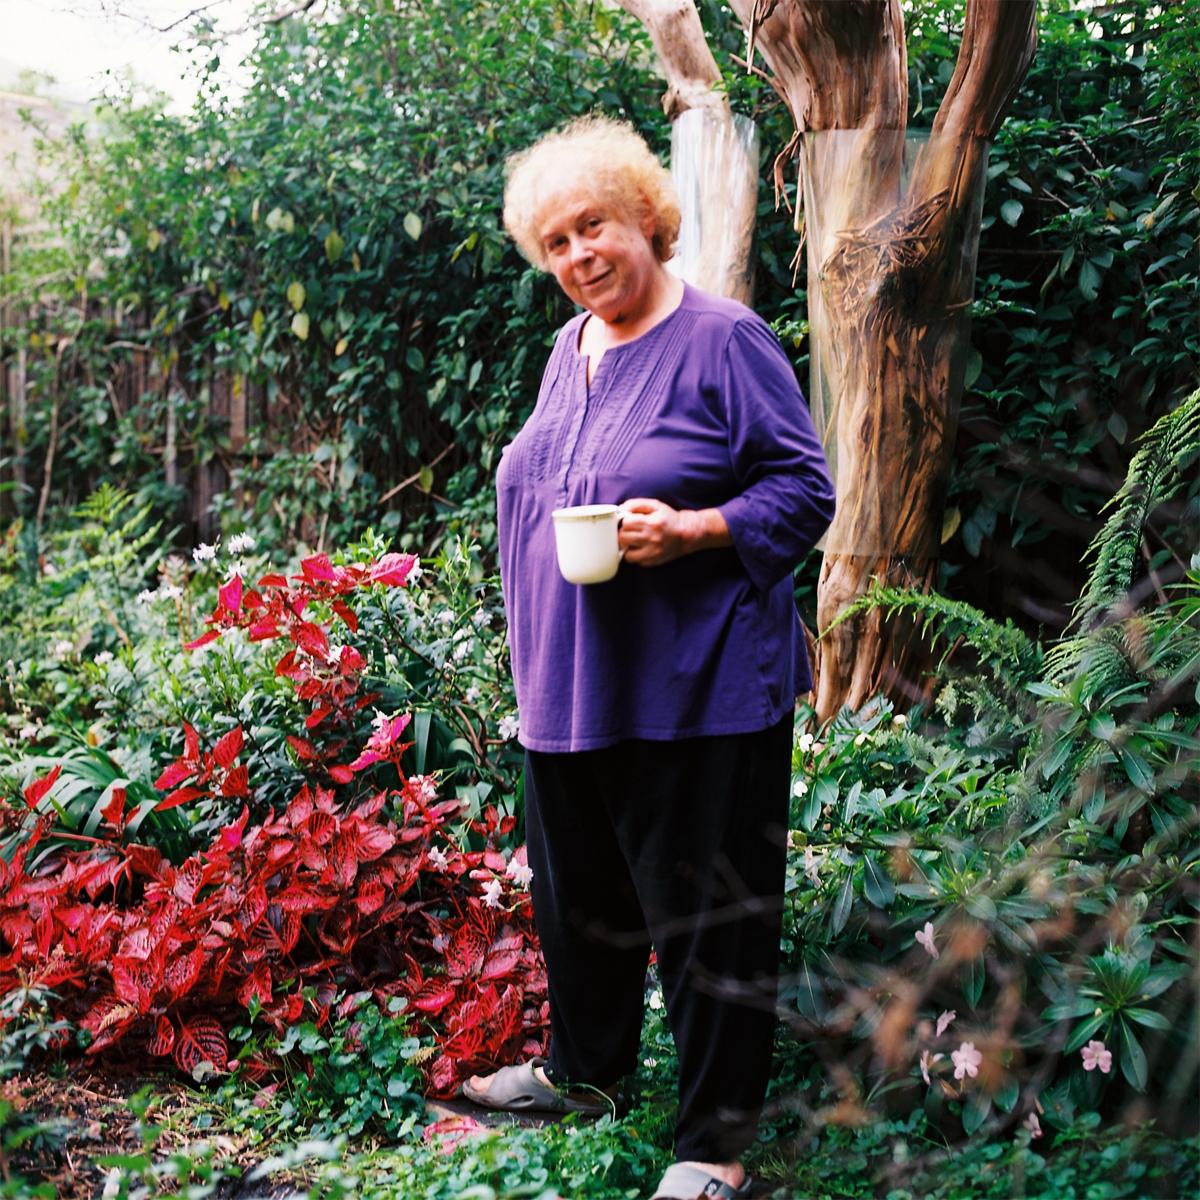 Gardener Archive. Mary in her garden in Toorak, Melbourne, Australia